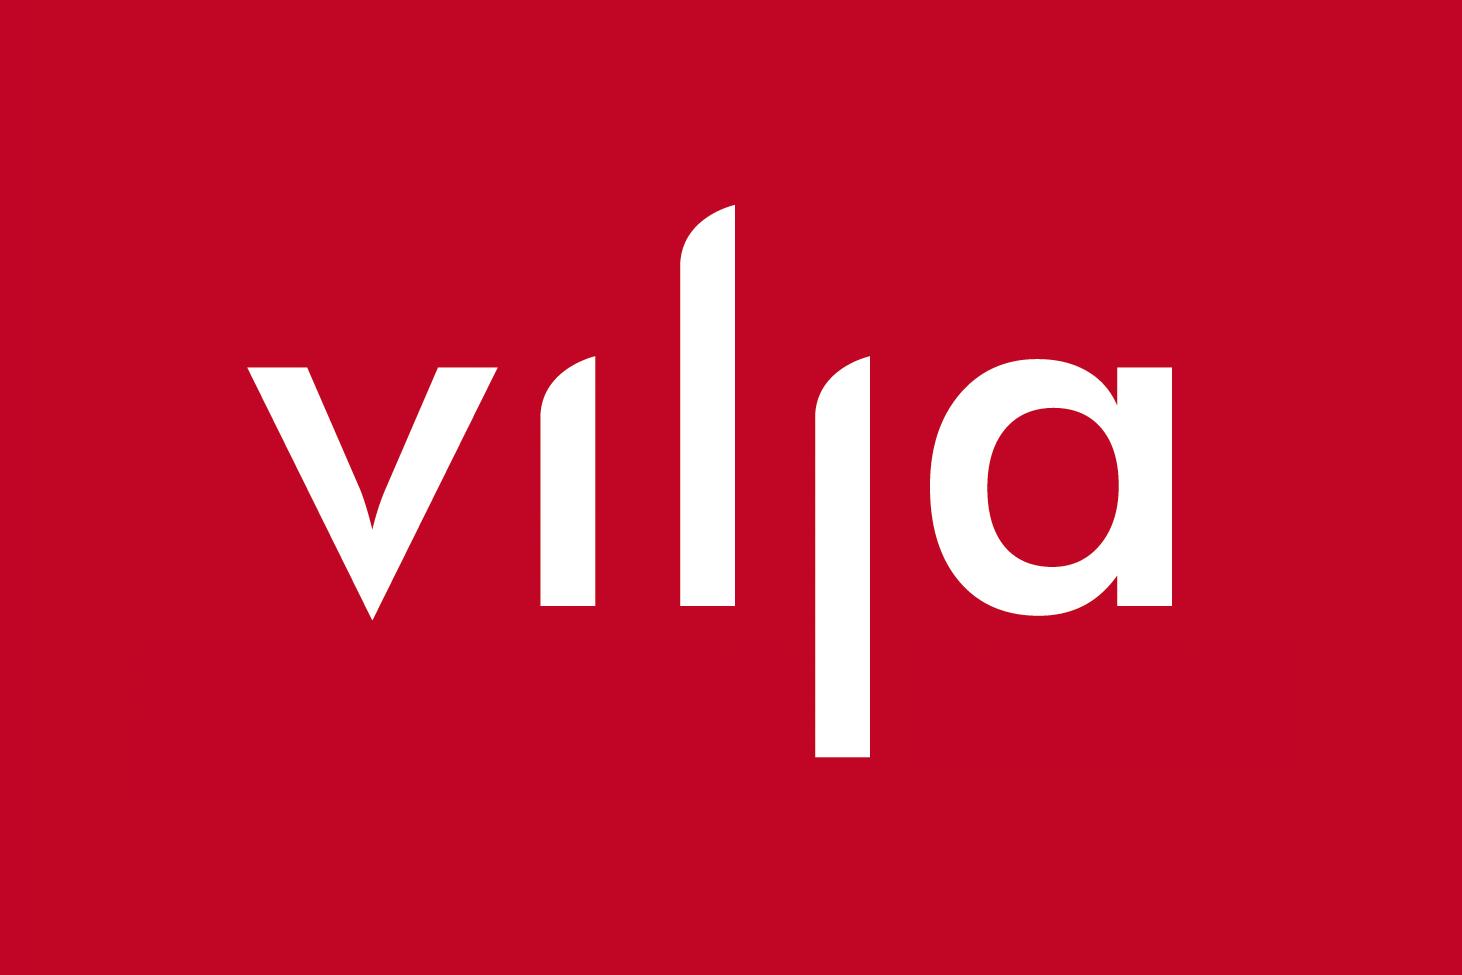 VILJA logotyp_mobil